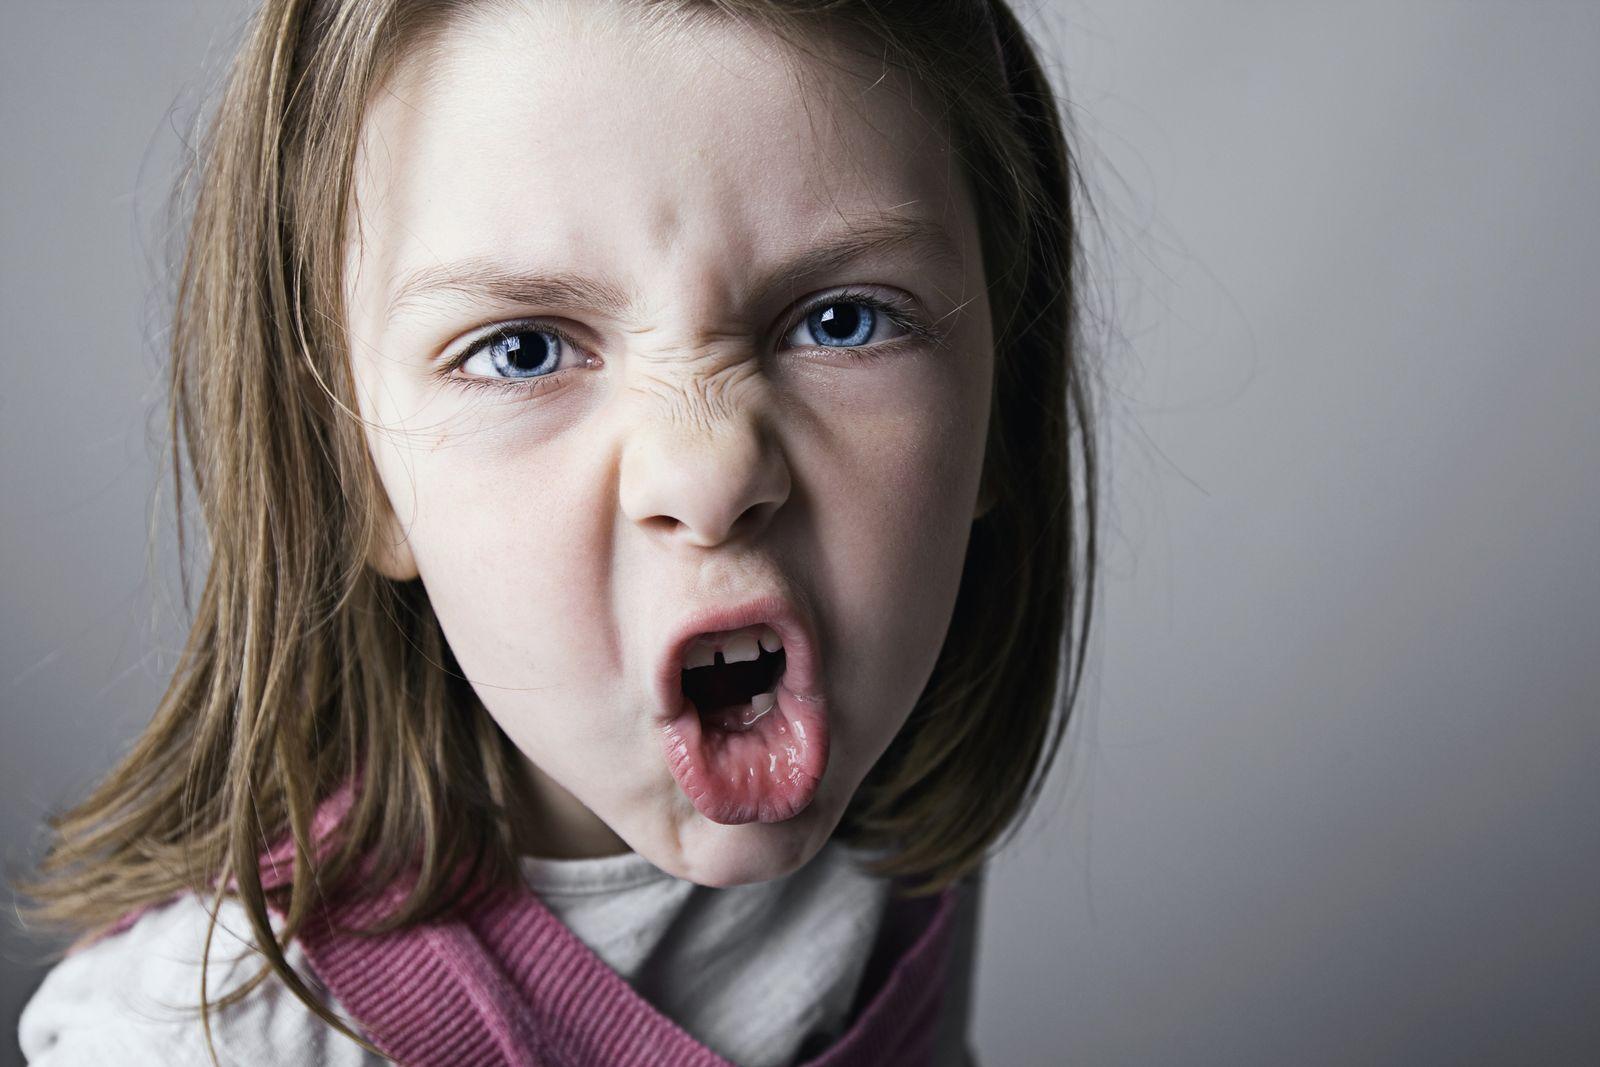 NICHT MEHR VERWENDEN! - Wütendes Mädchen